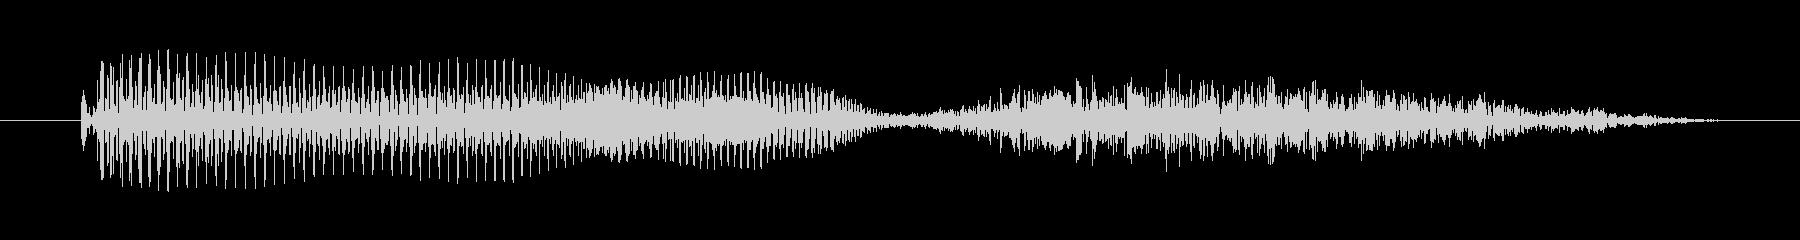 リトルレッドモンスター:Sの未再生の波形